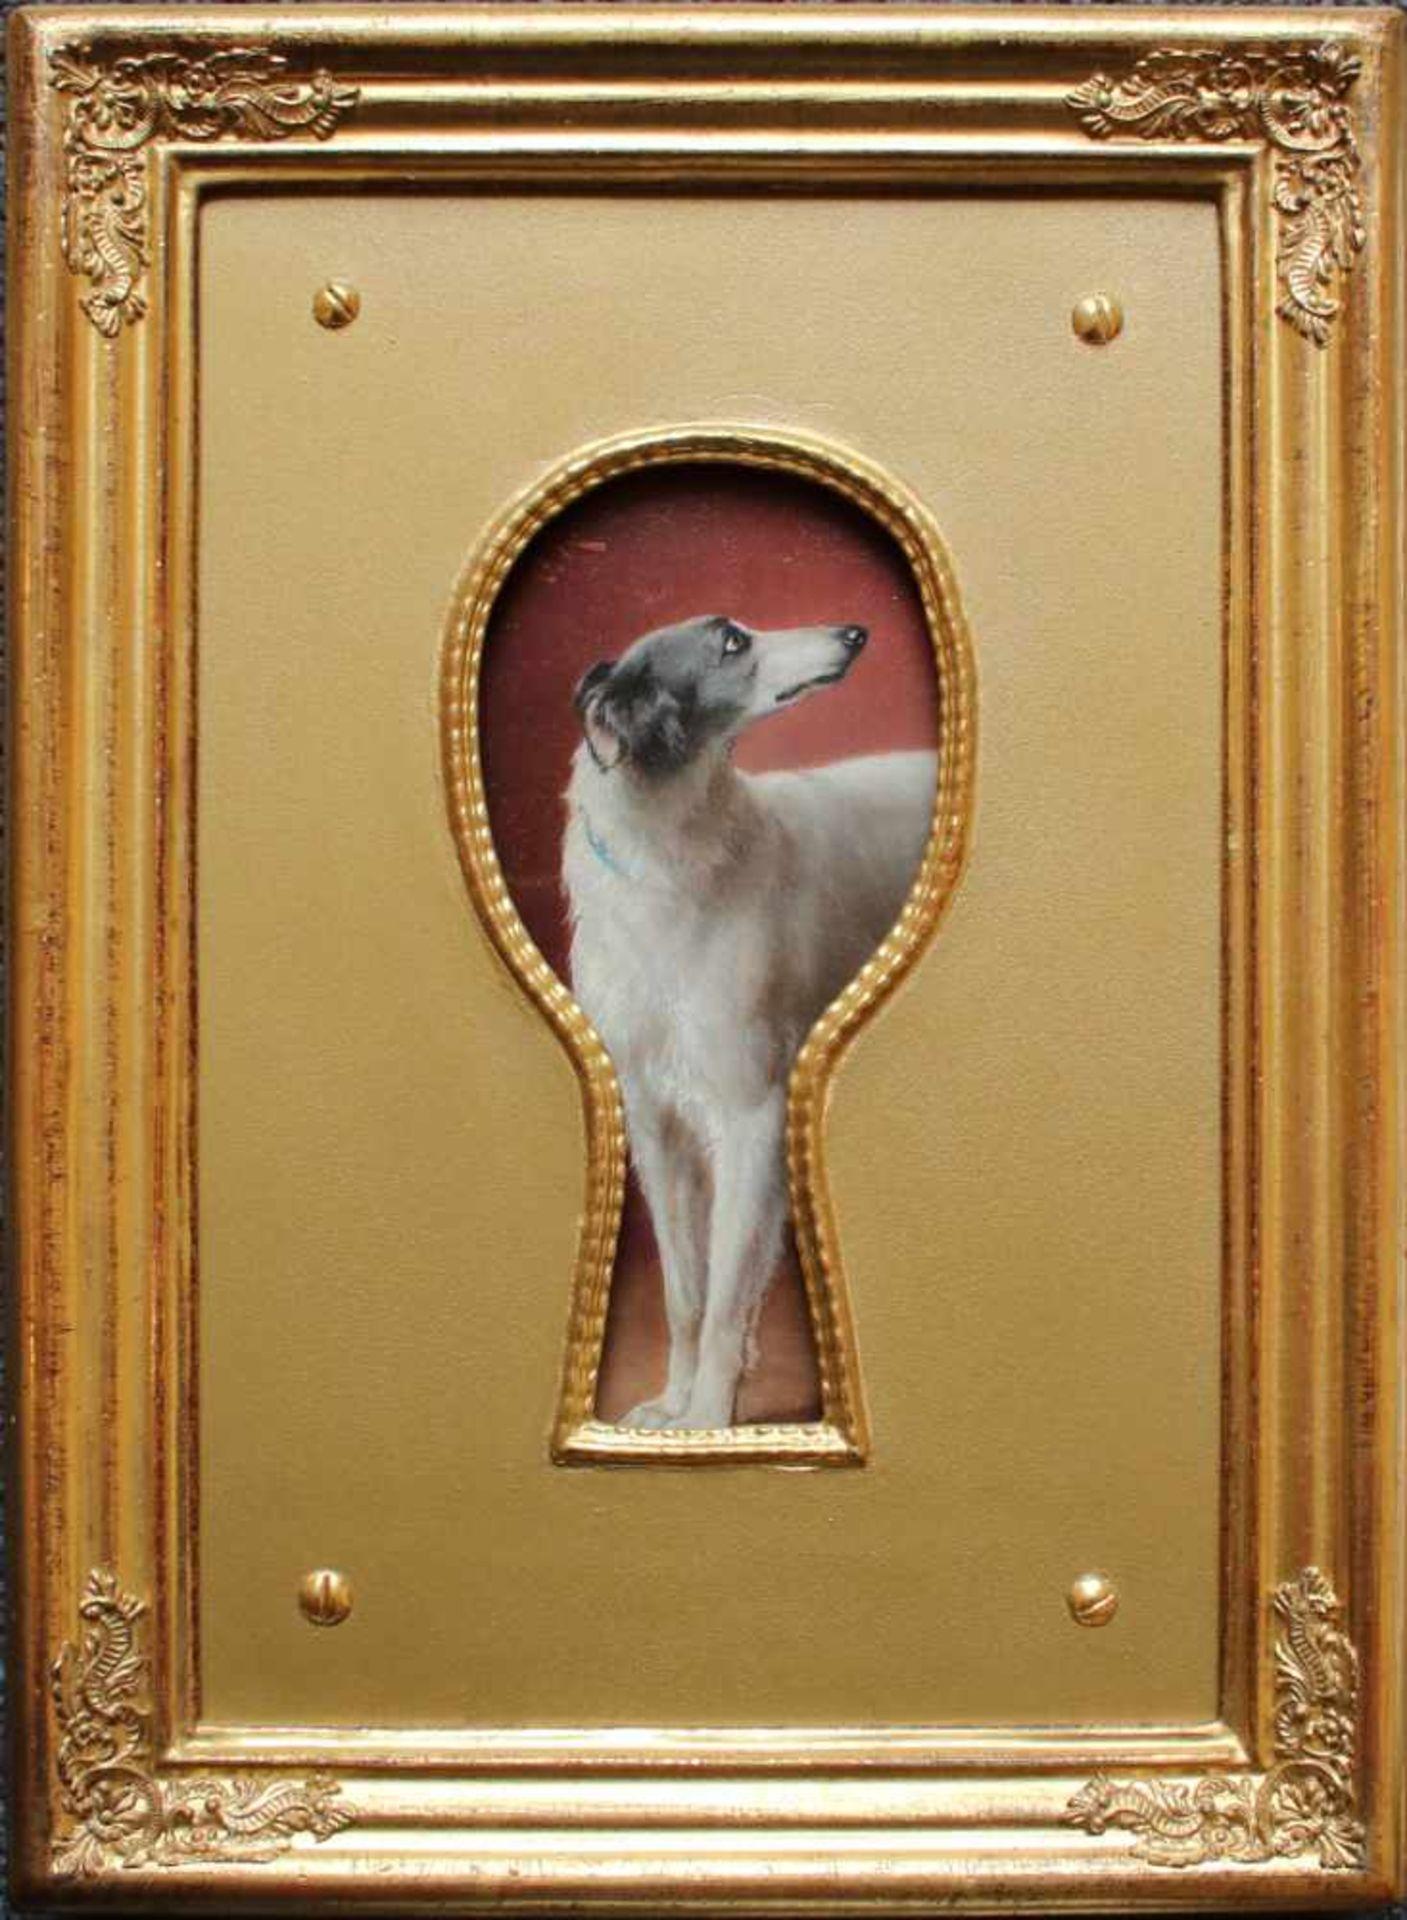 Carl Reichert (1836 - 1918) Hundeportrait durch das Schlüsselloch Öl auf Holz Signiert 17,5 x 8,5